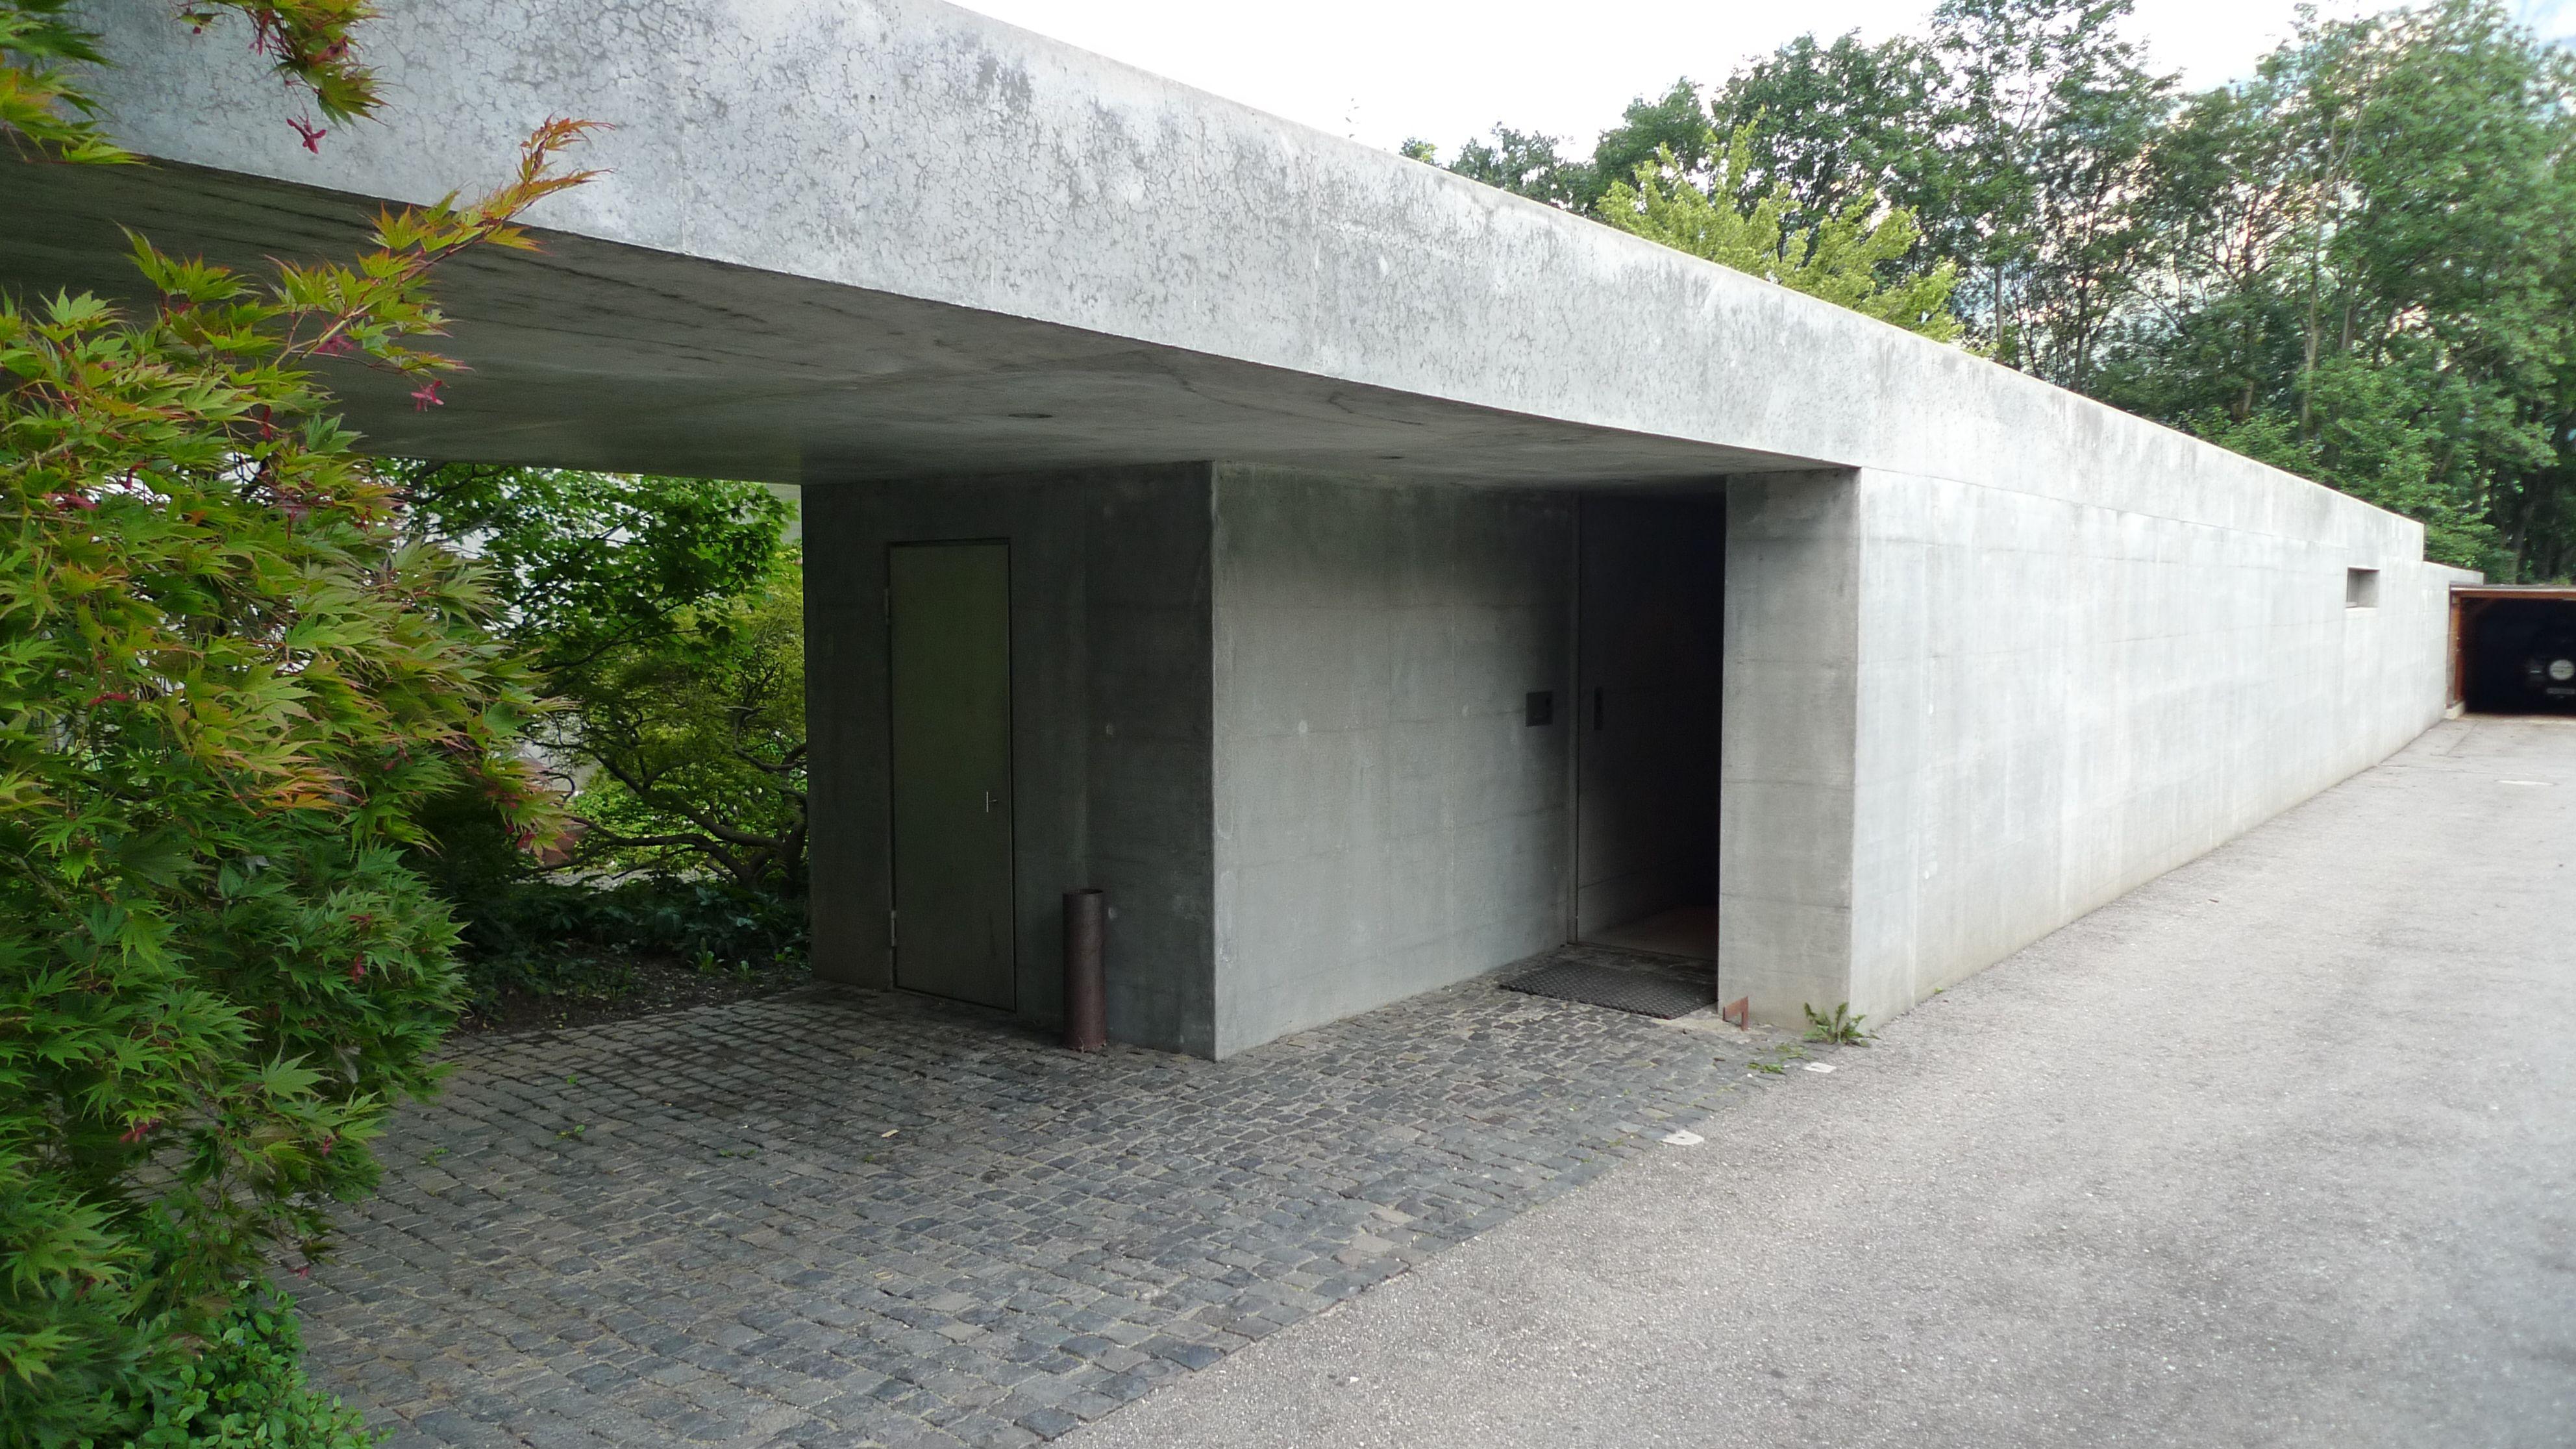 Peter zumthor agence et maison zumthor haldenstein for Agence architecture suisse